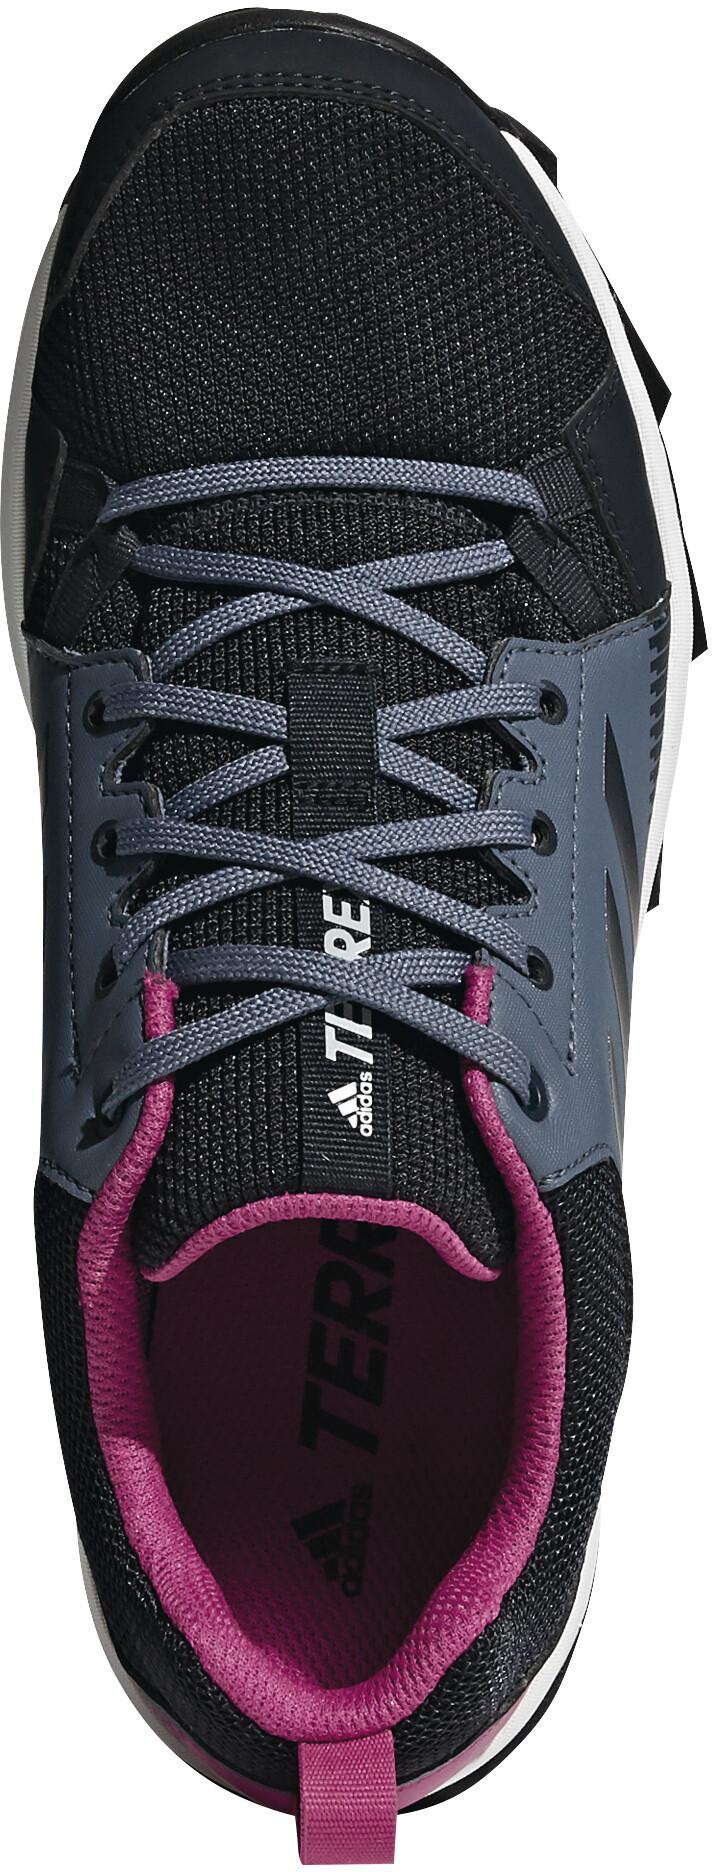 086959a165f adidas TERREX TraceRocker GTX Running Shoes Women blue at Bikester.co.uk